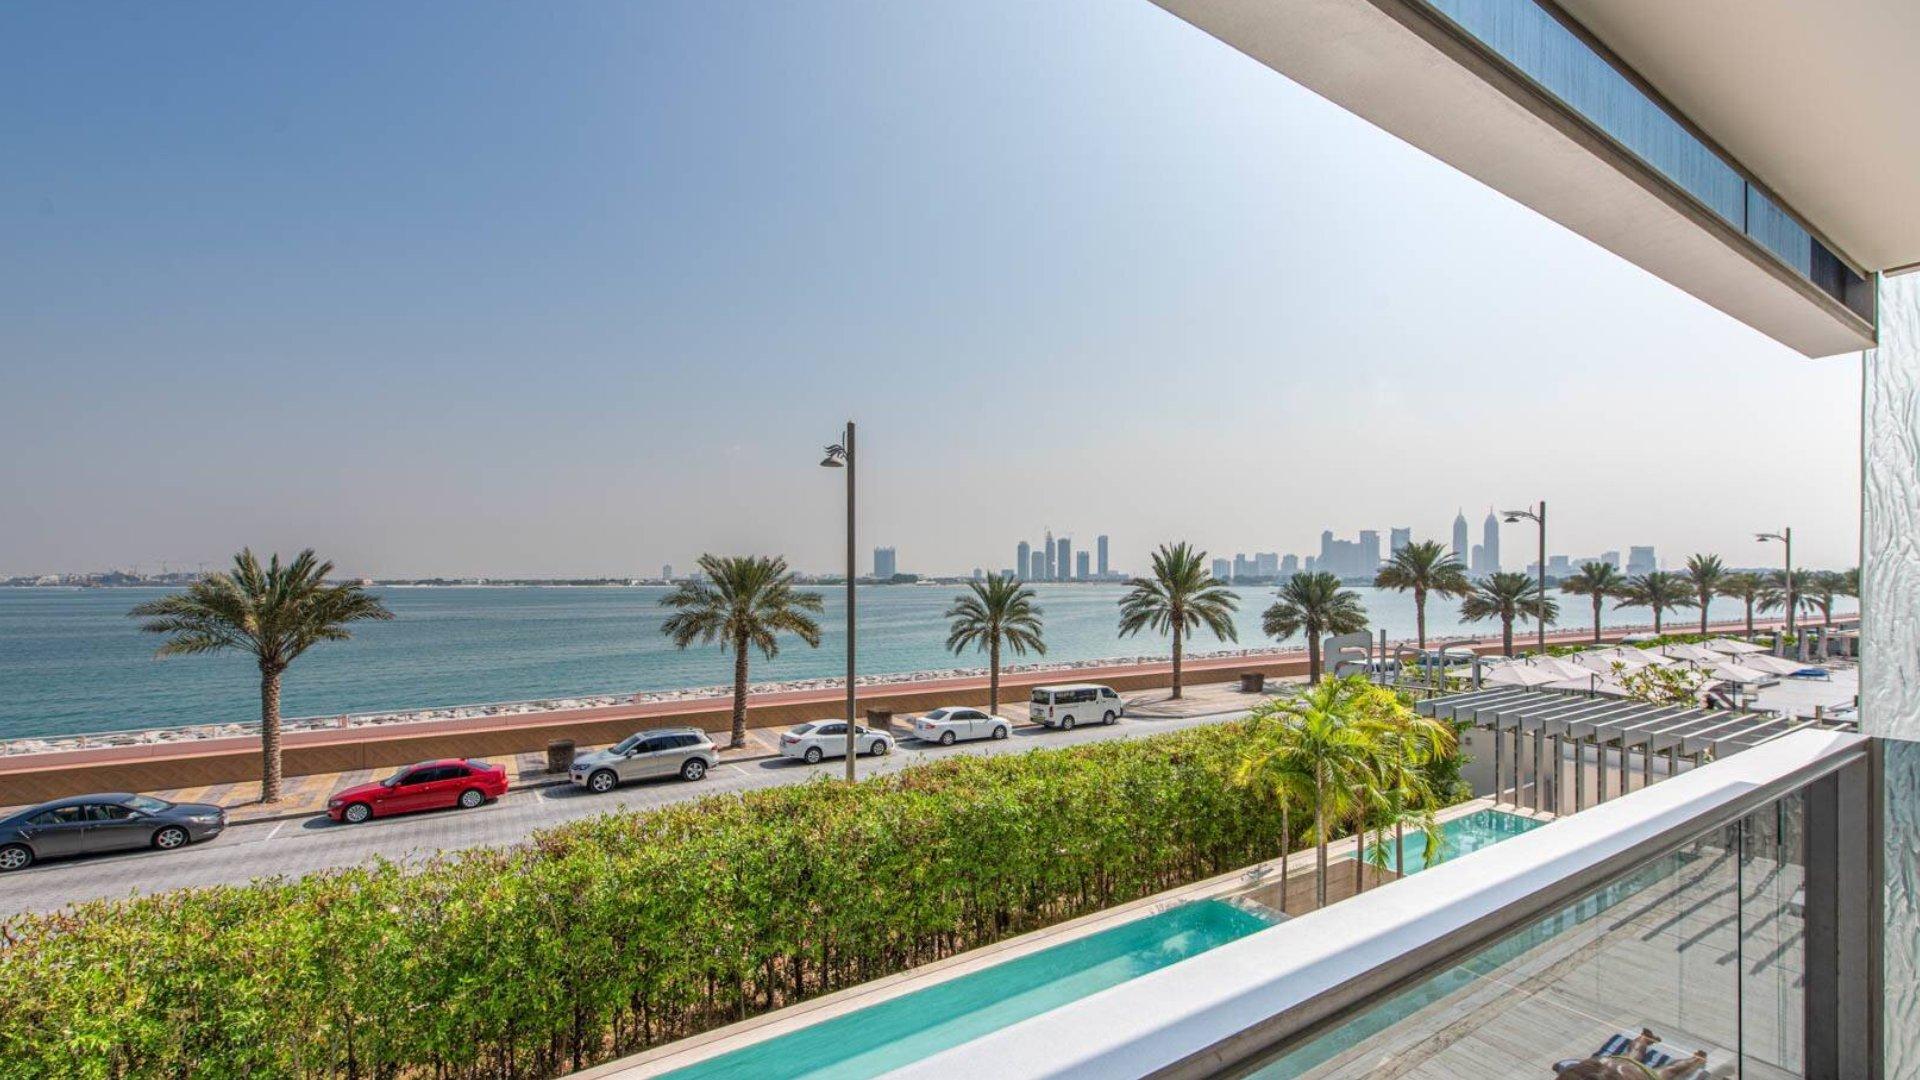 Ático en venta en Dubai, EAU, 5 dormitorios, 673 m2, № 24477 – foto 5